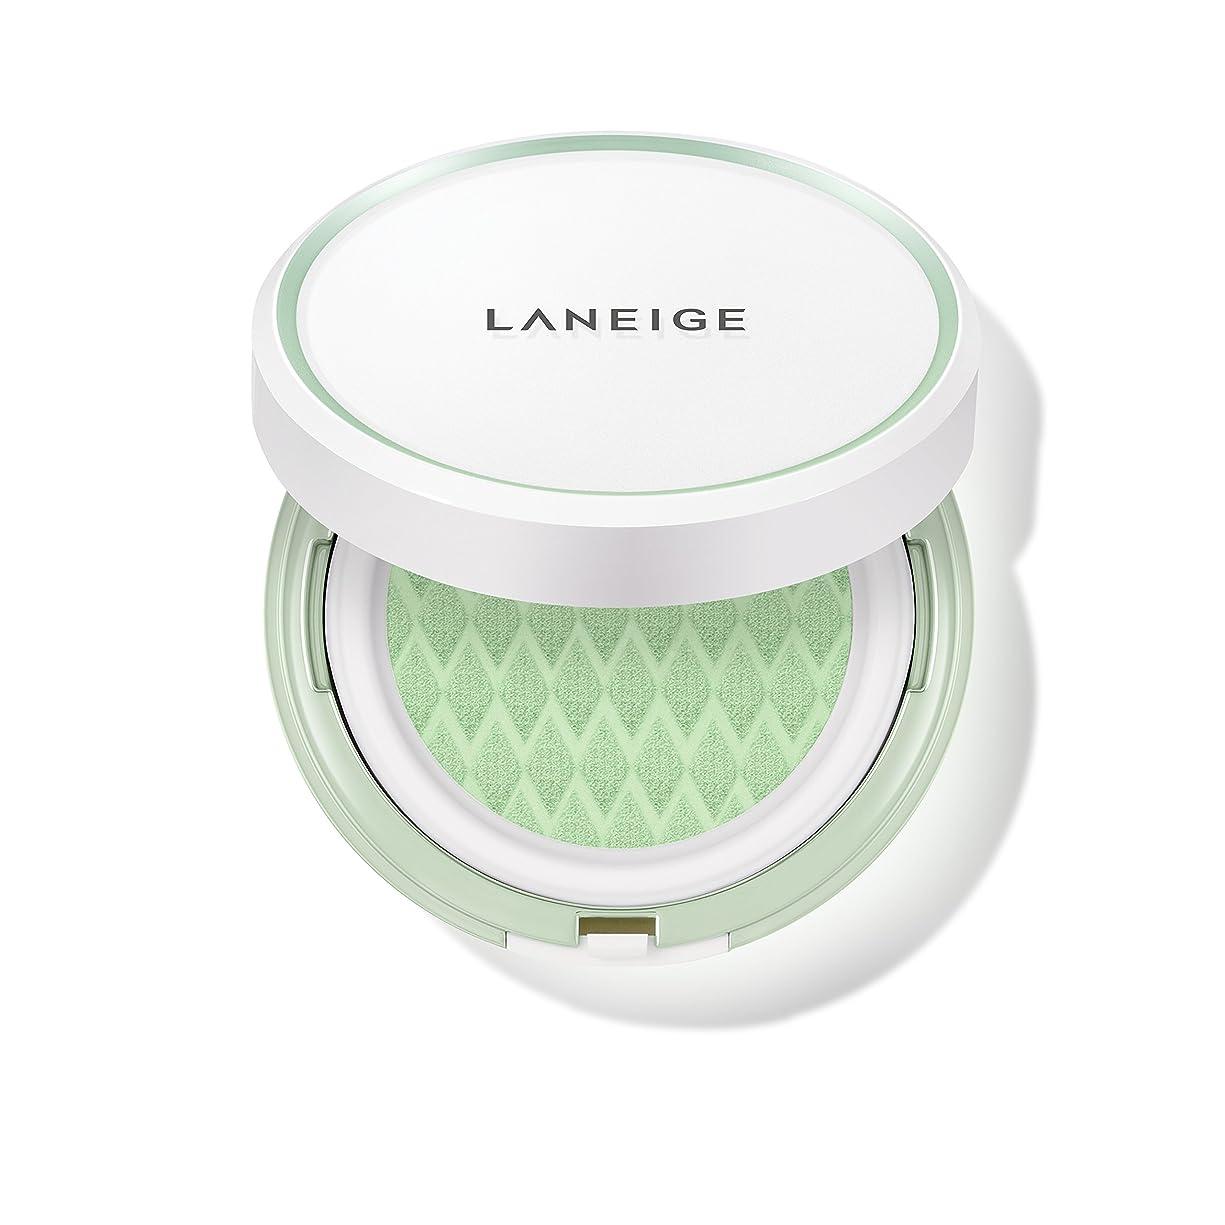 基礎理論繰り返した君主制ラネージュ[LANEIGE]*AMOREPACIFIC*[新商品]スキンベなベースクッションSPF 22PA++(#60 Light Green) 15g*2 / LANEIGE Skin Veil Base Cushion SPF22 PA++ (#60 Light Green) 15g*2 [海外直送品] [並行輸入品]